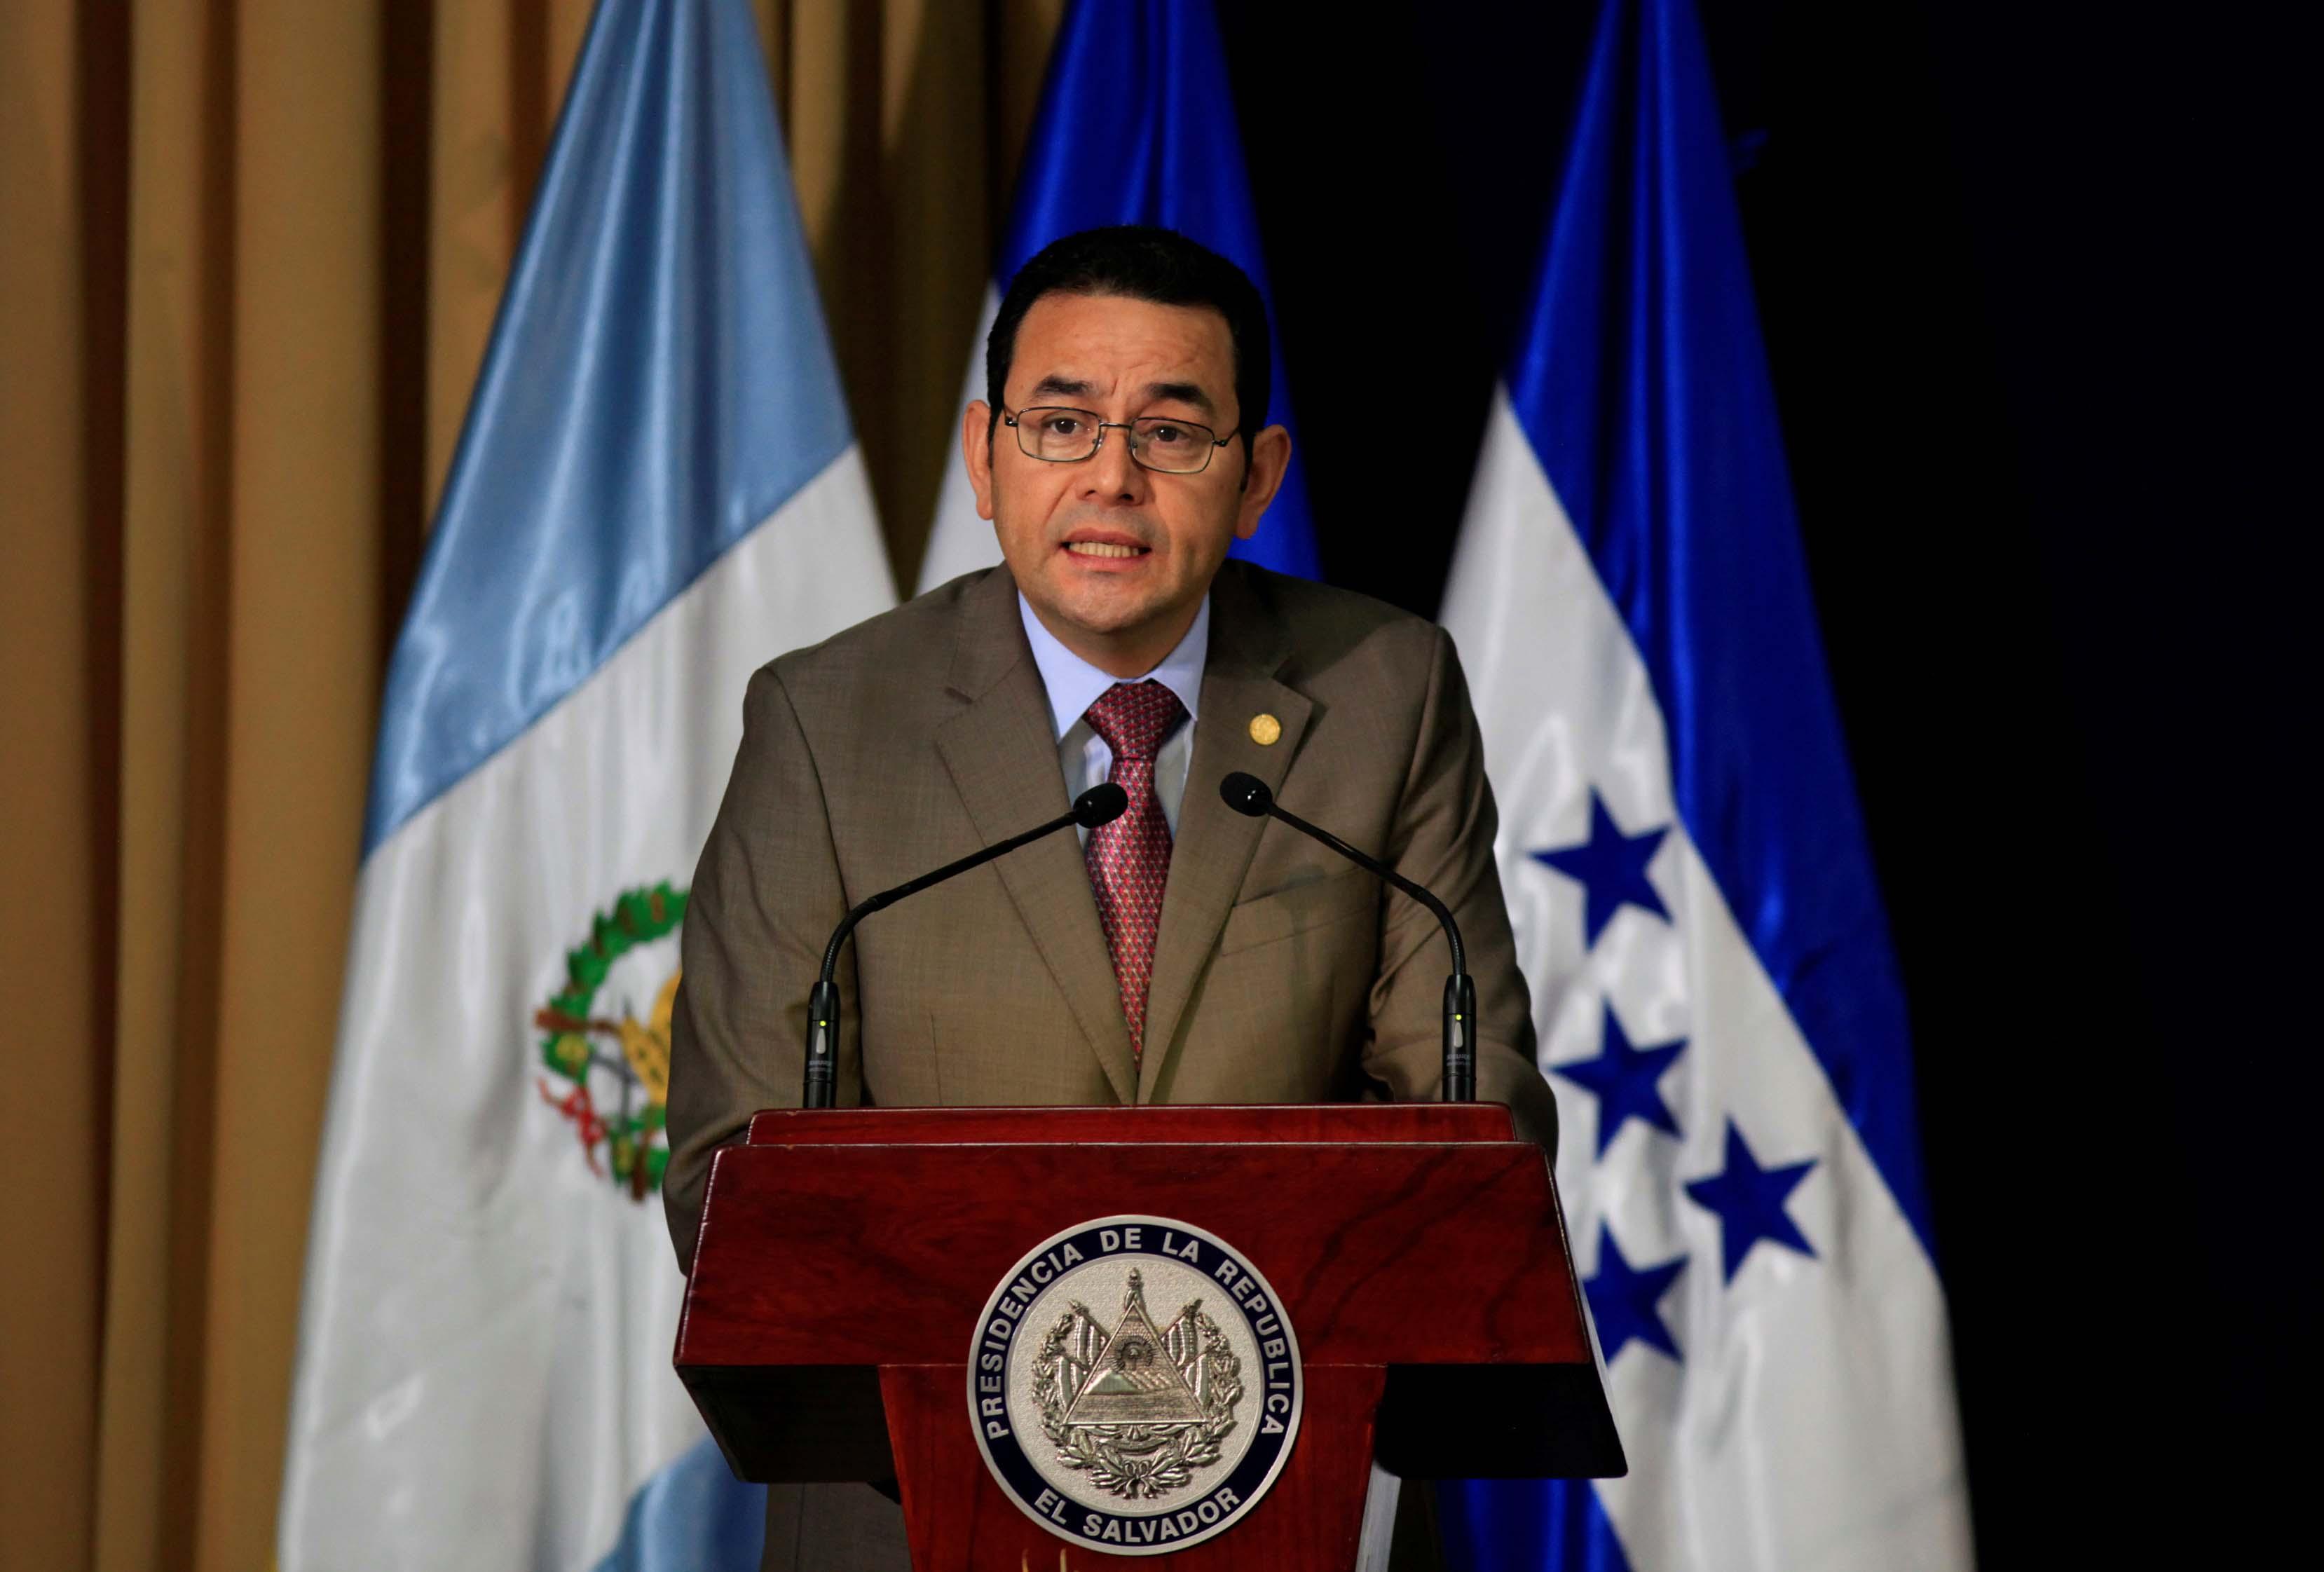 Un hijo y un hermano del presidente de Guatemala están bajo investigación por presunto caso de corrupción